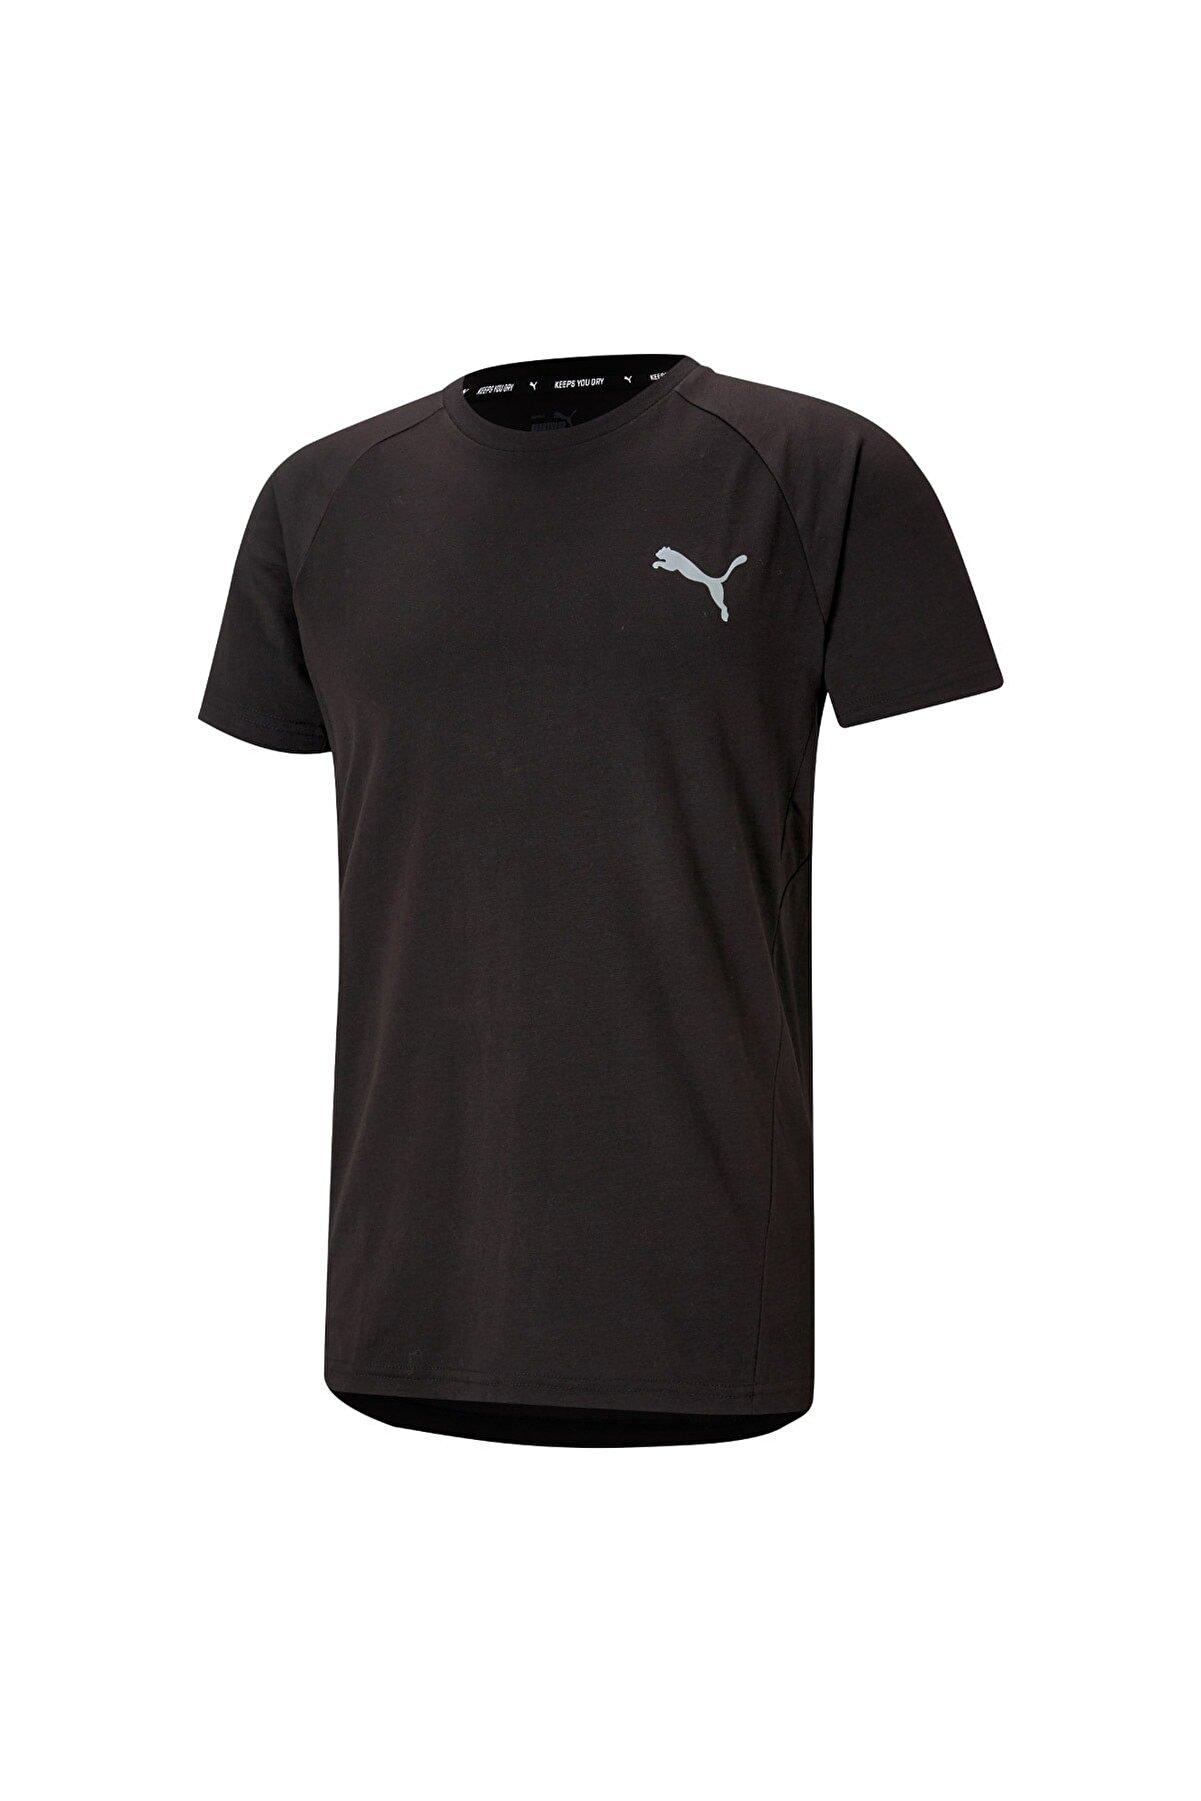 Puma EVOSTRIPE TEE Siyah Erkek T-Shirt 101085385